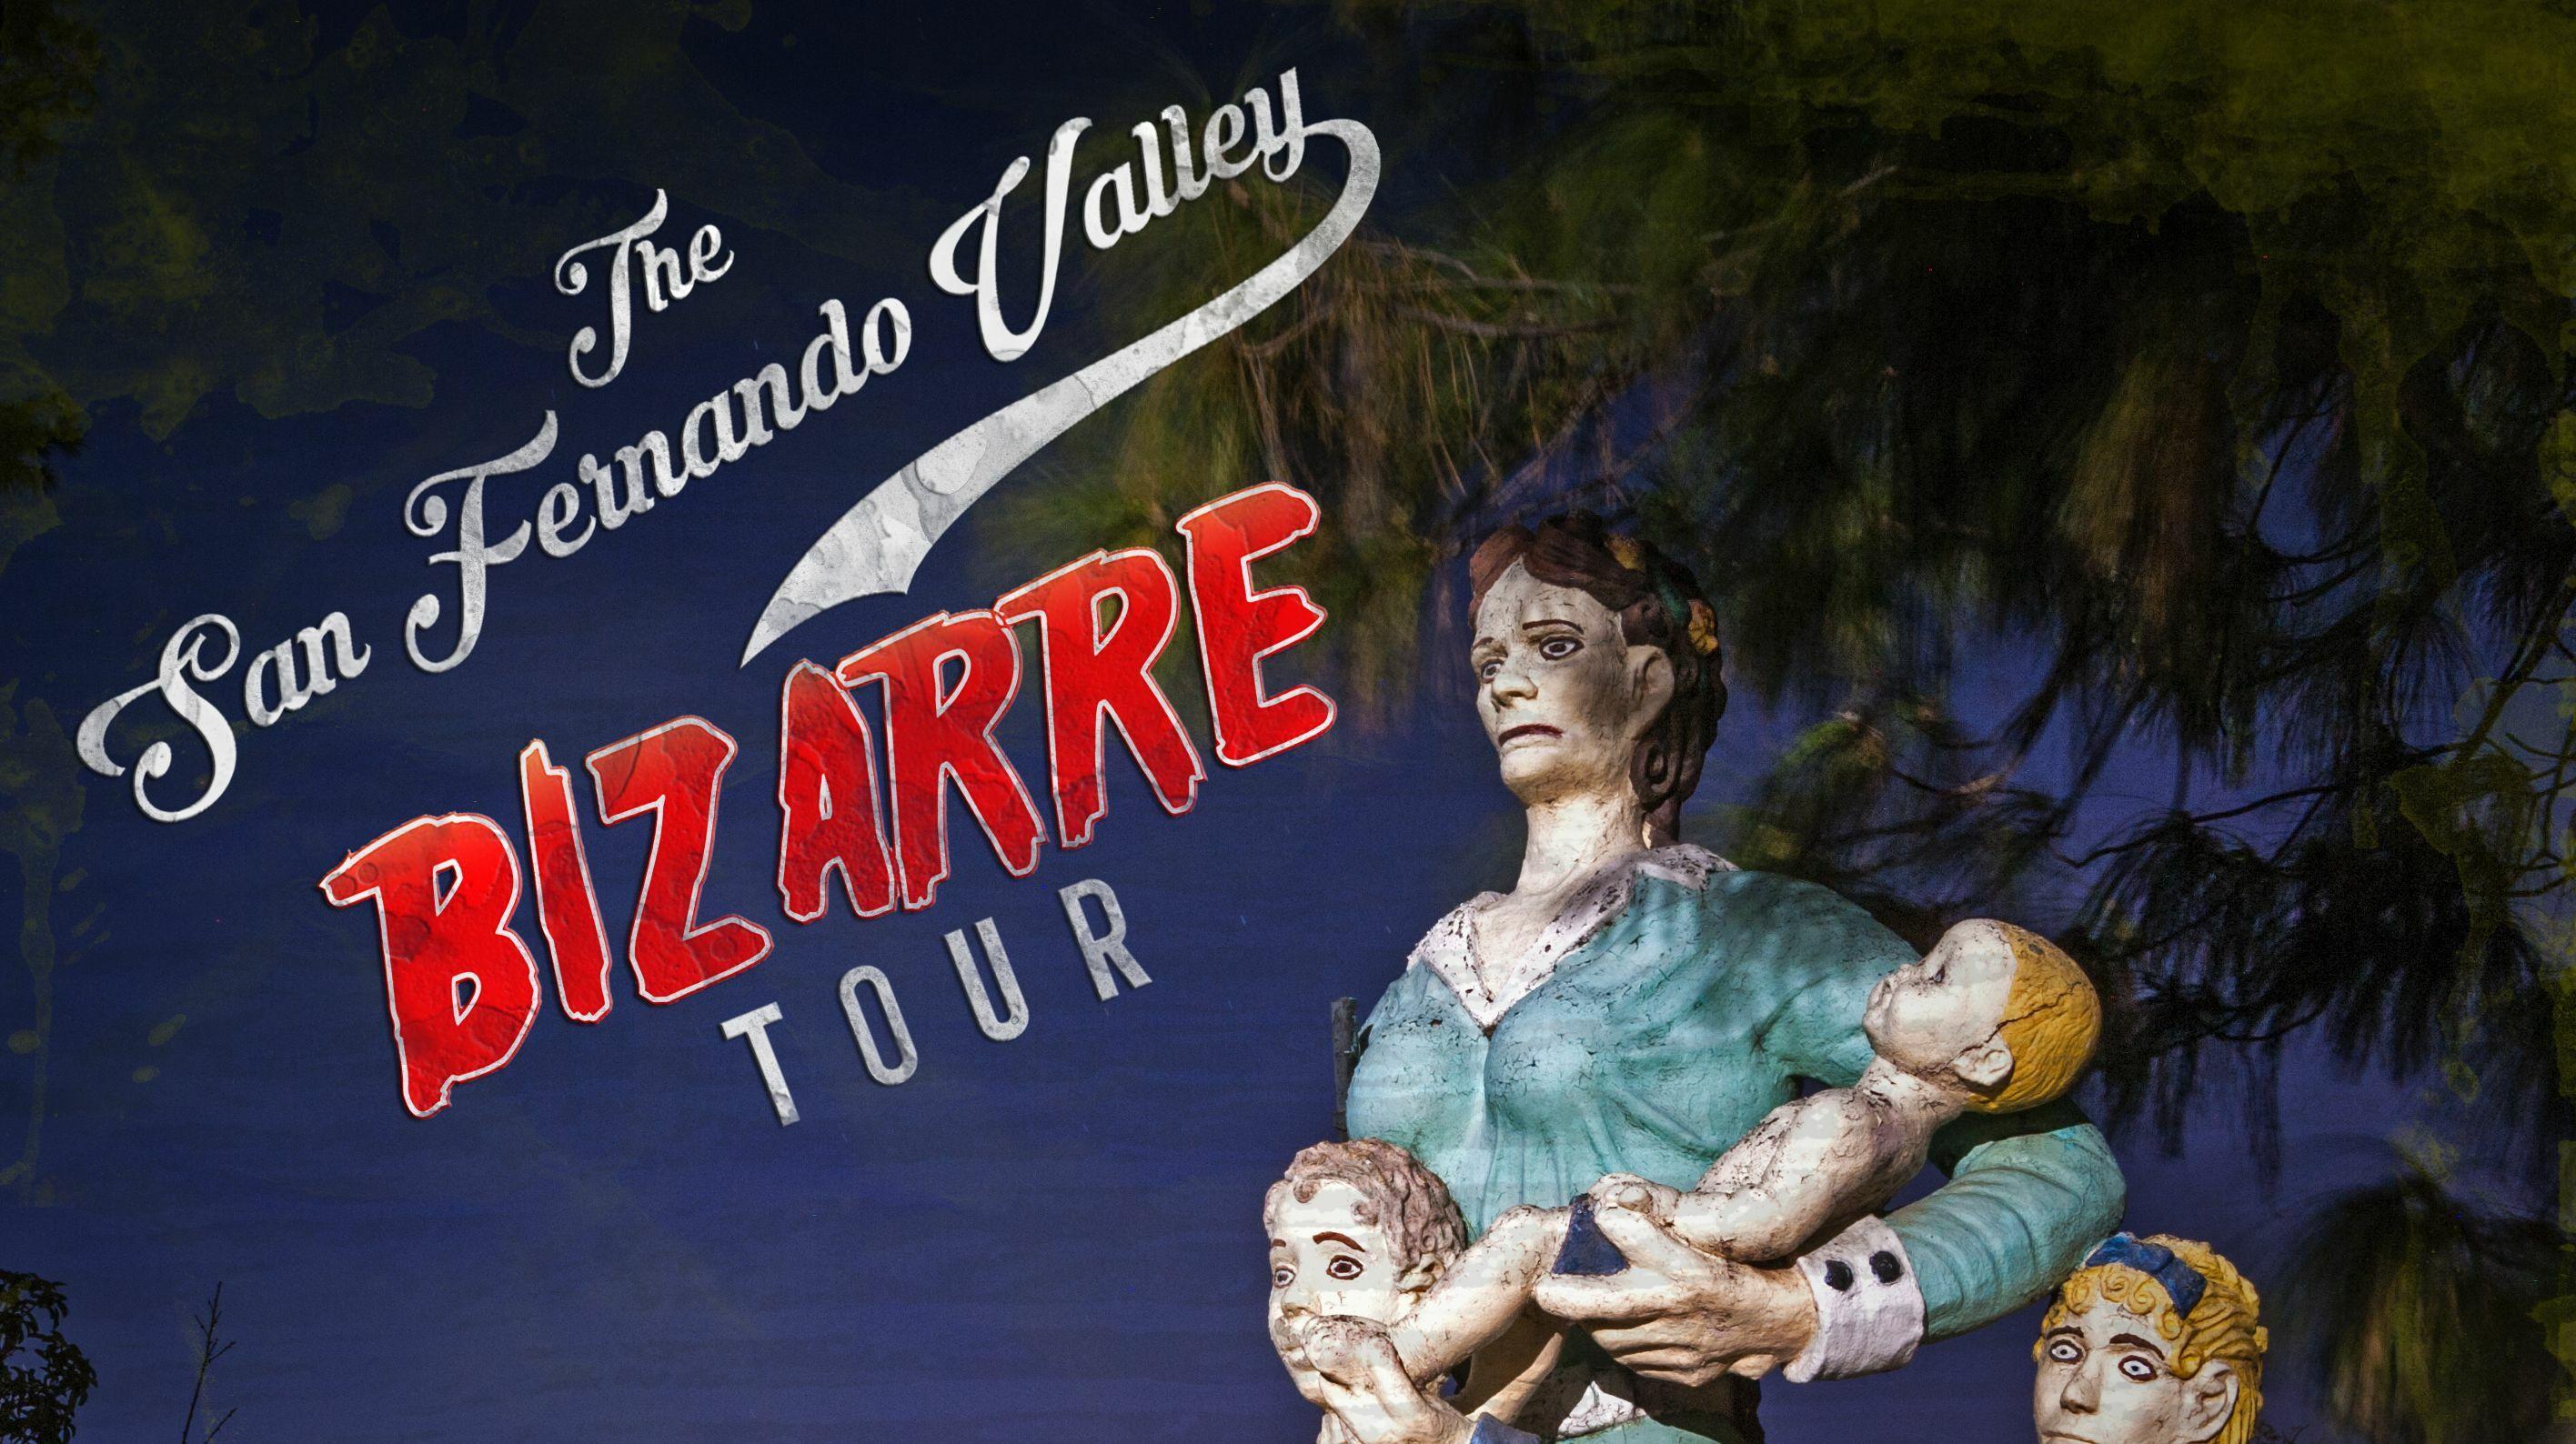 San Fernando Valley Virtual Bizarre Tour